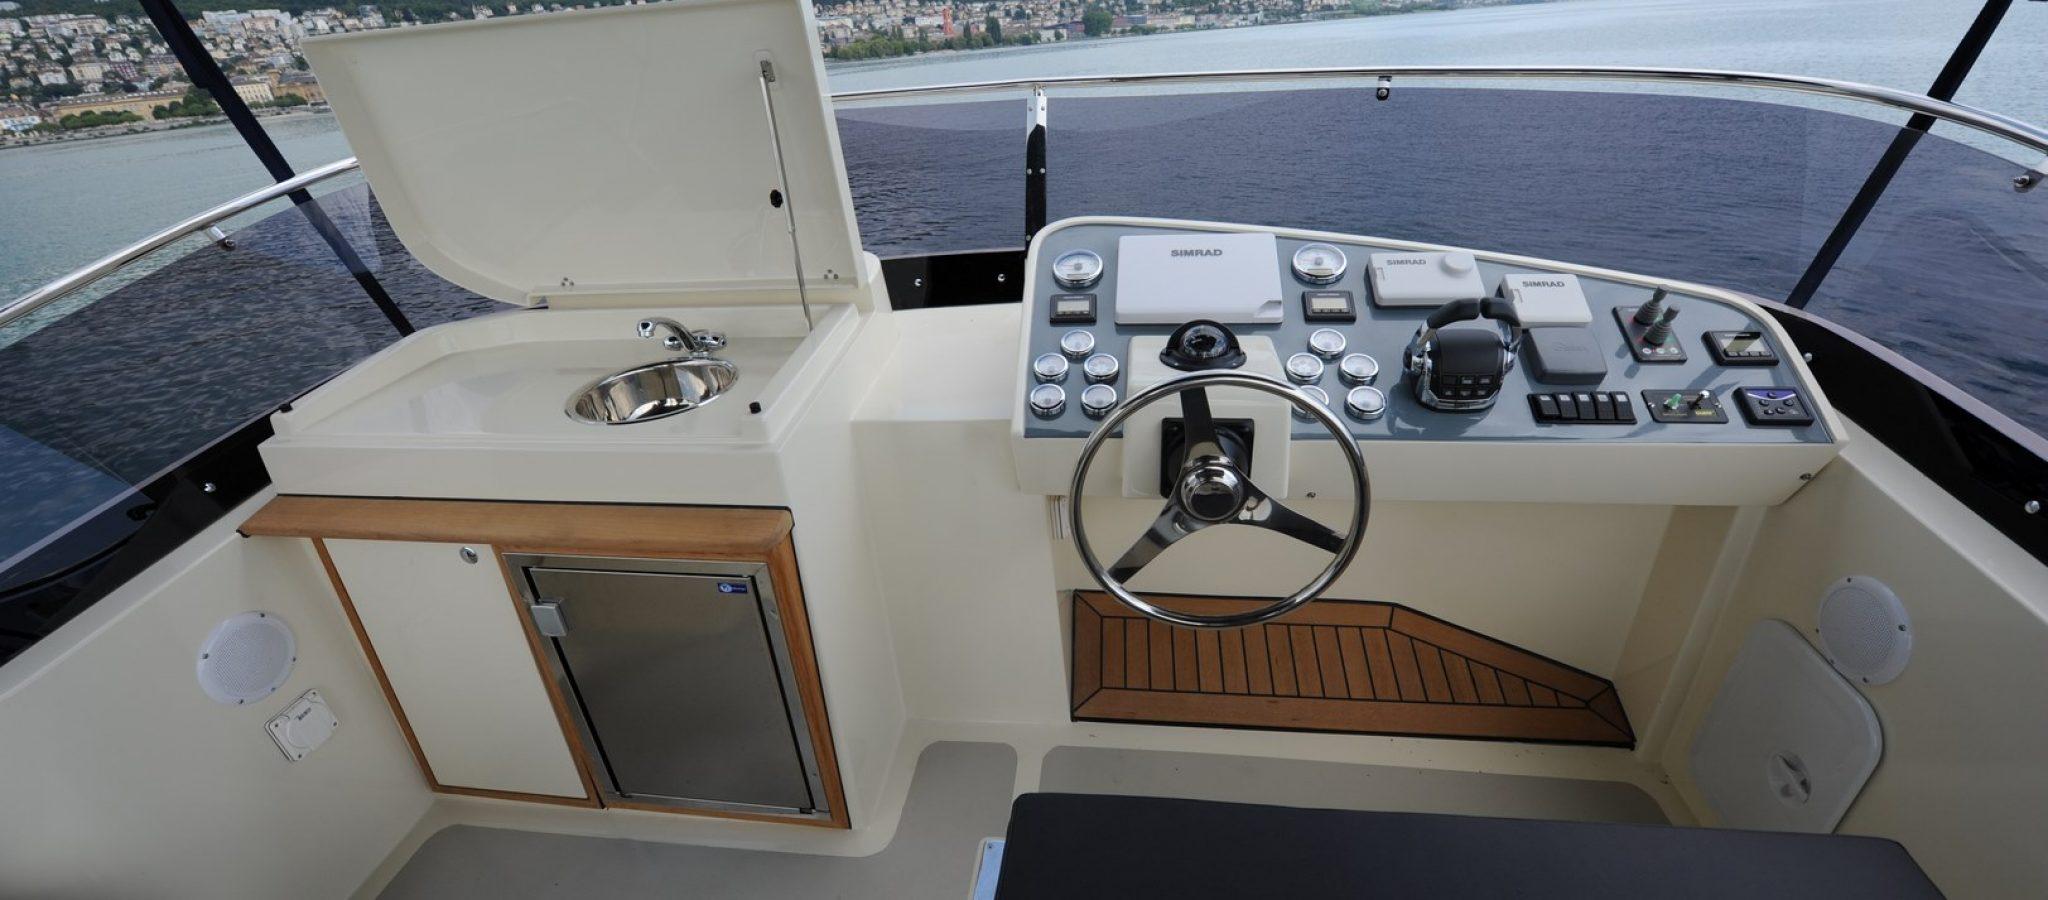 Rhéa-marine-43trawler (8) (web)